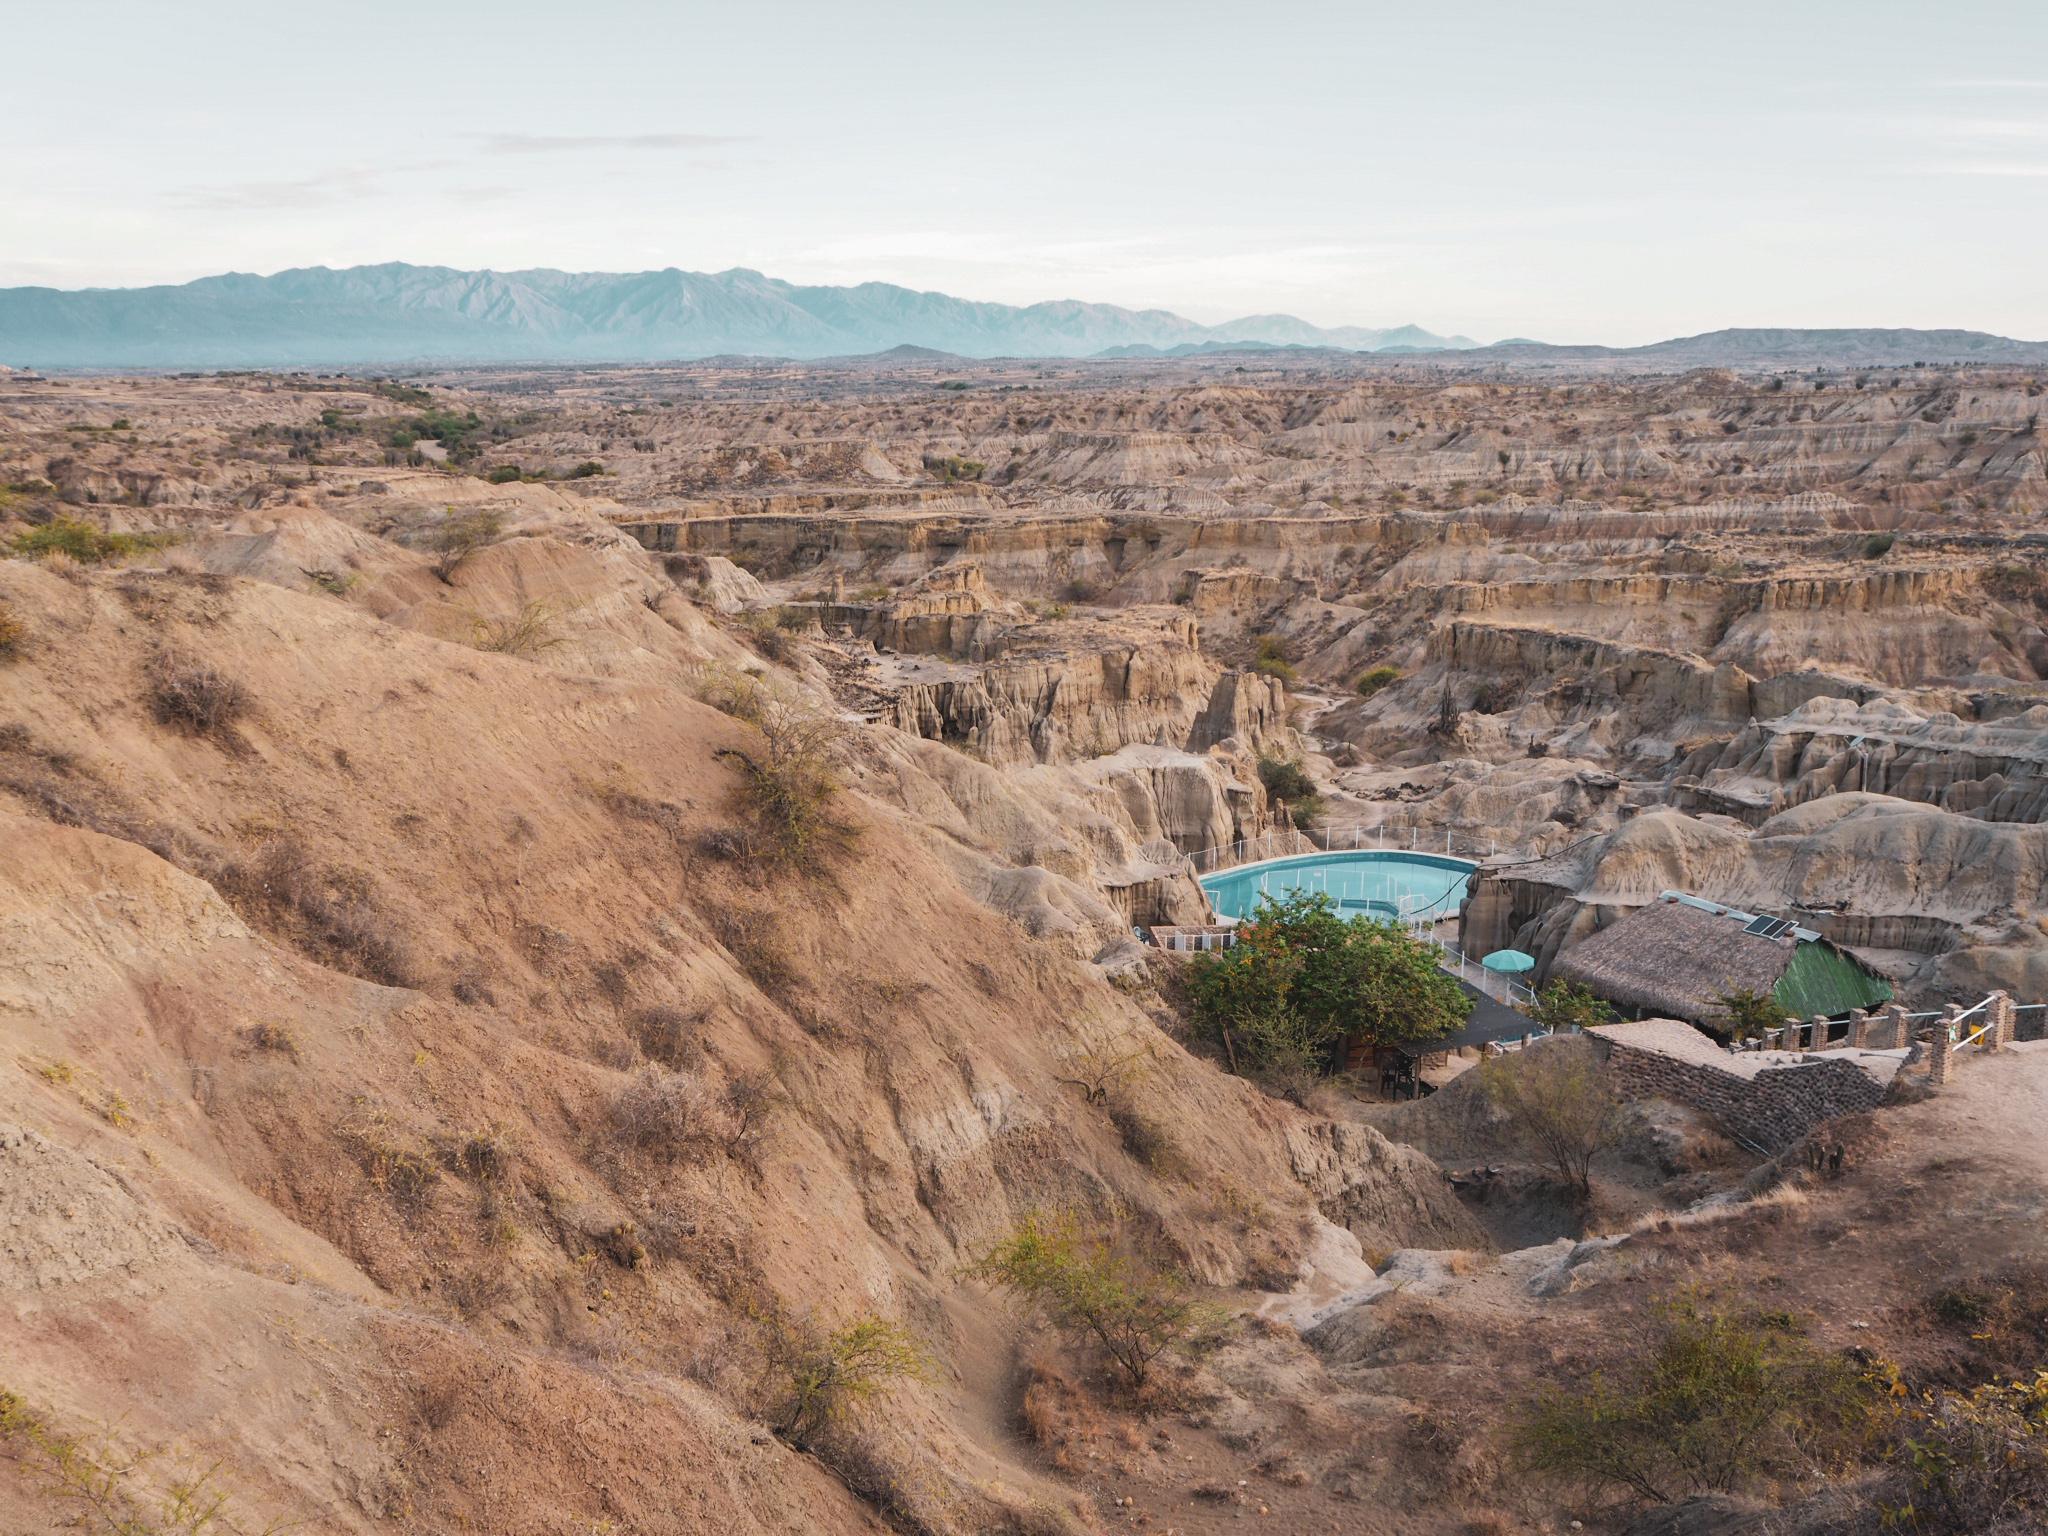 Desierto de la Tatacoa - Die Einfachheit der Wüste 10